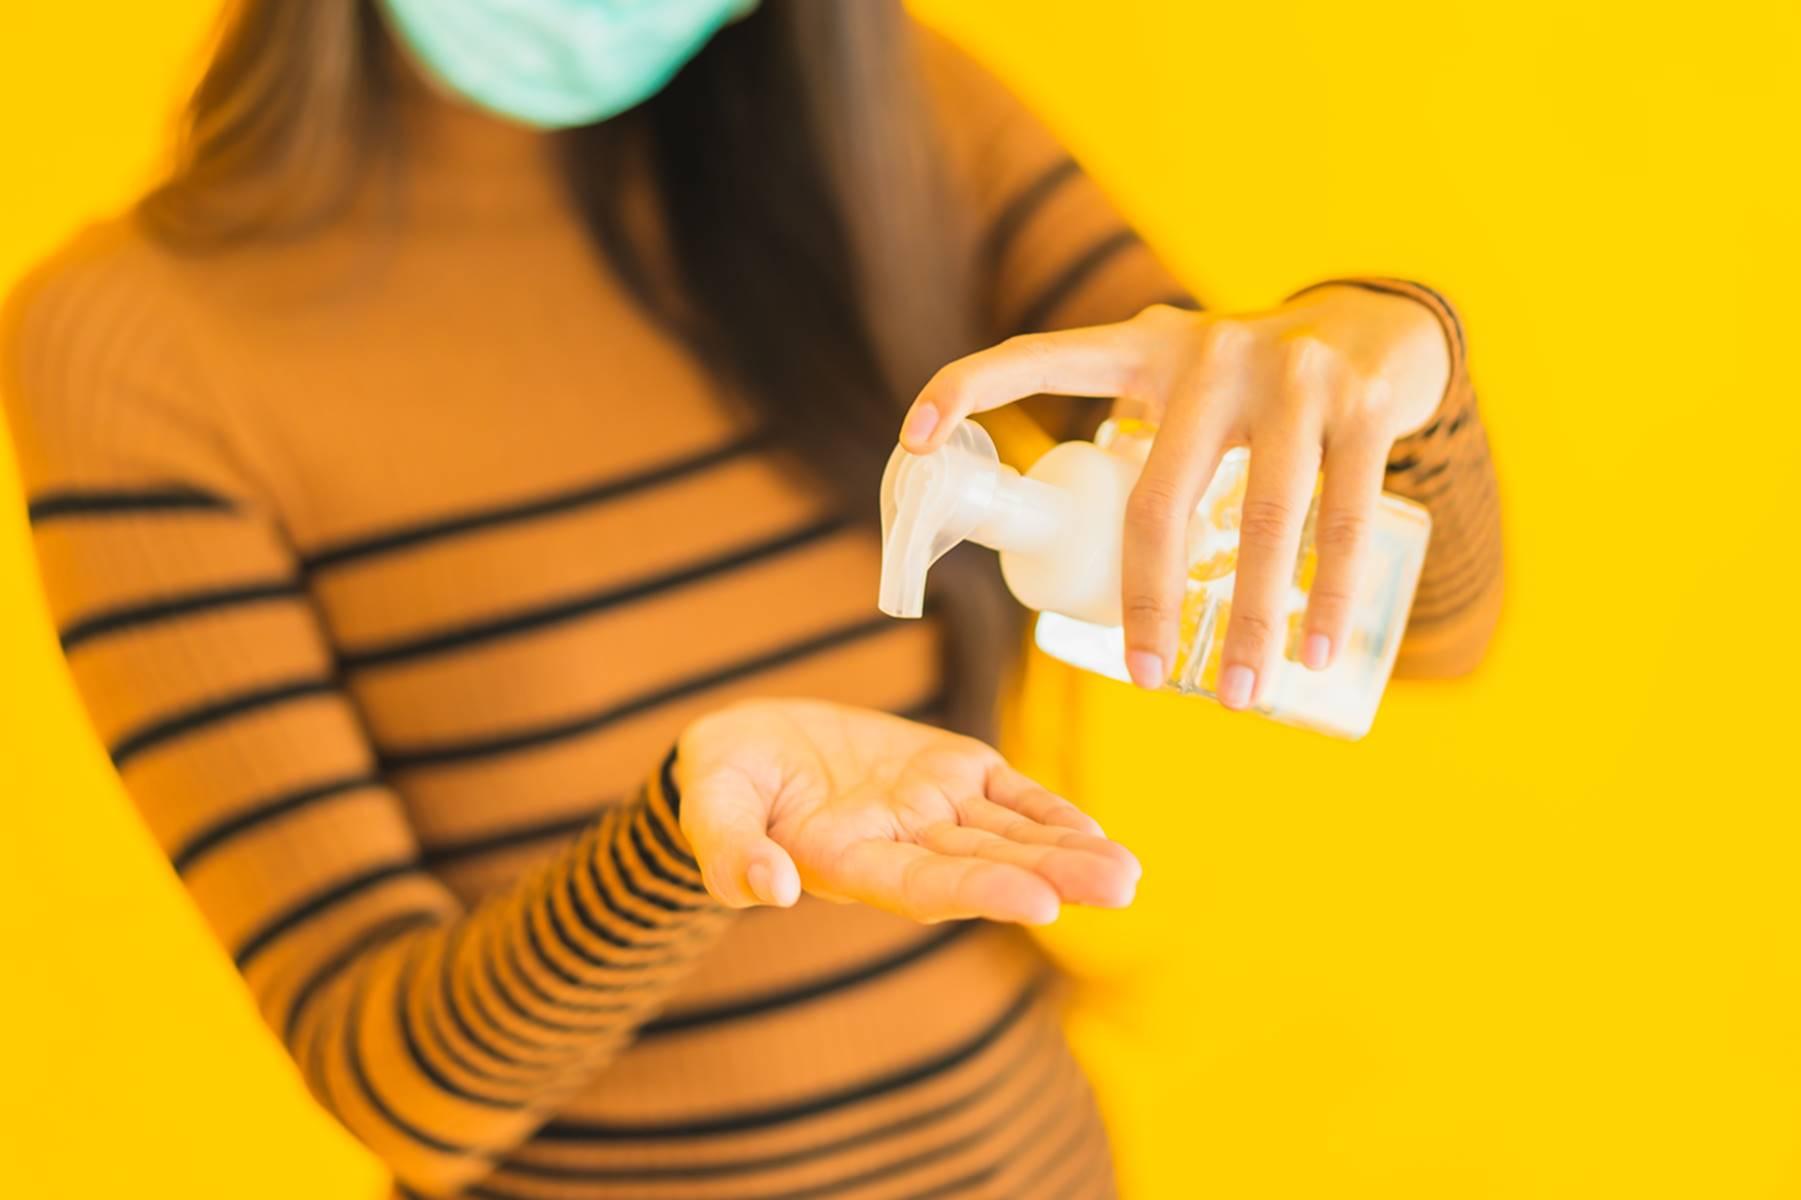 Ácool em gel pode deixar as mãos ressecadas - saiba o que fazer